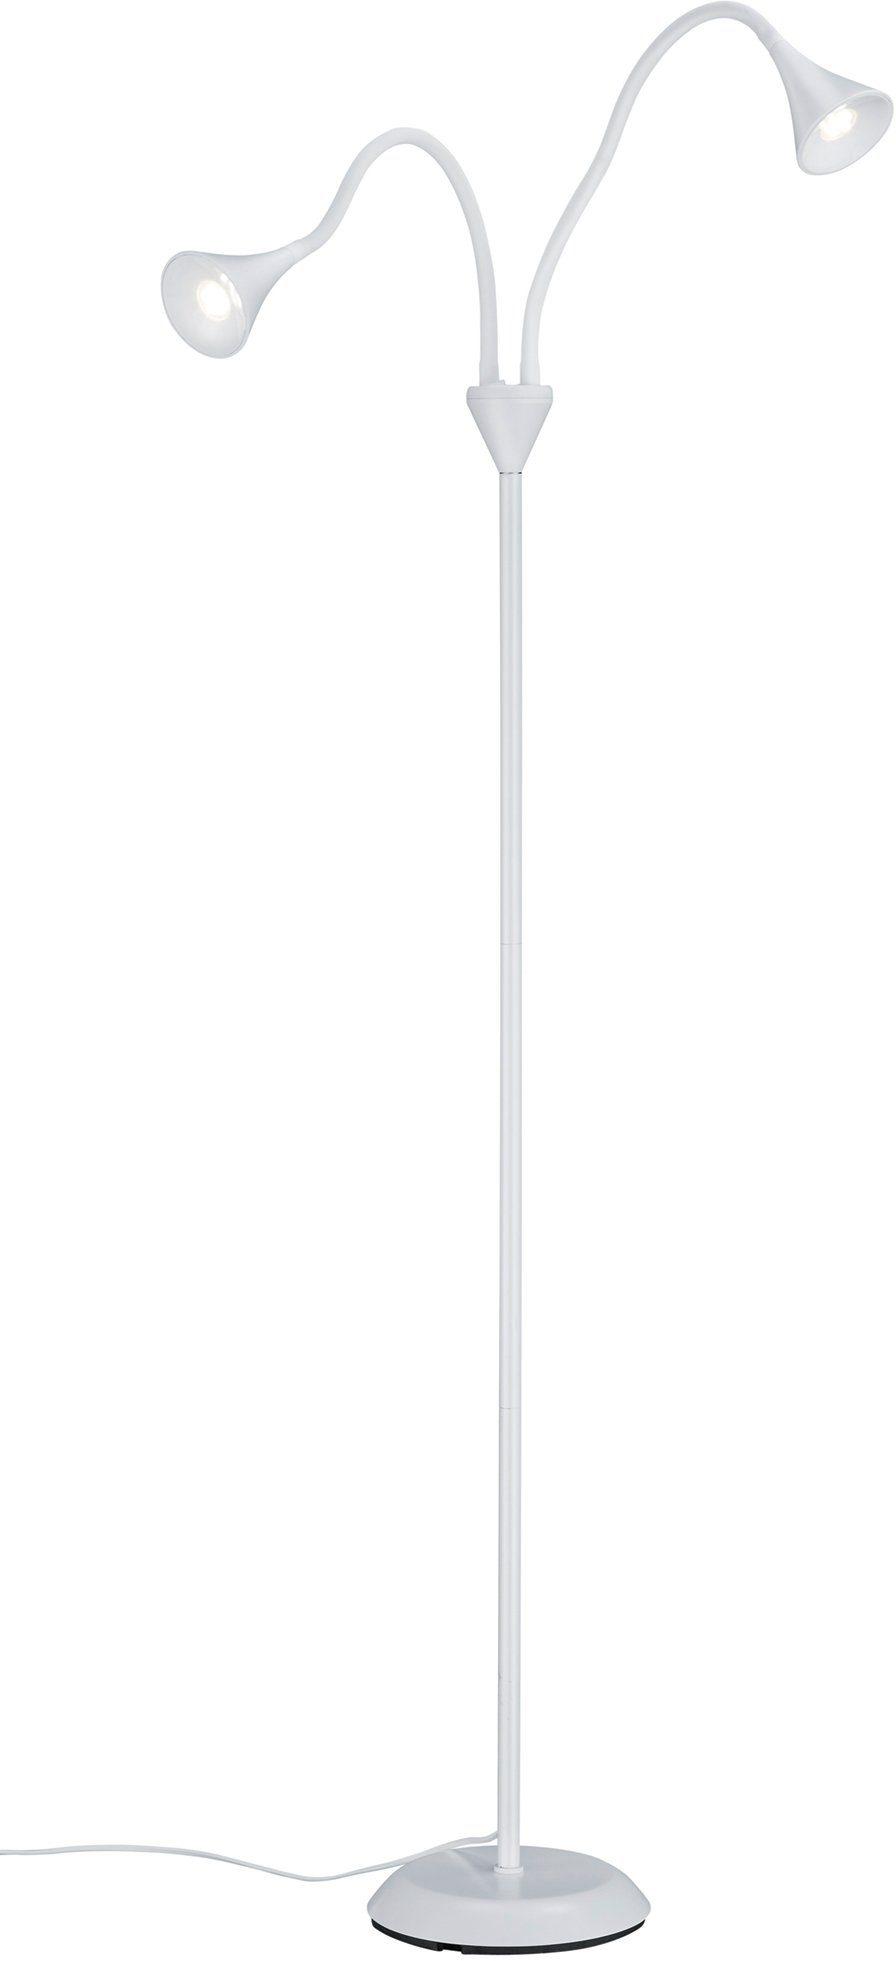 TRIO Leuchten LED Stehlampe »VIPER«, 2-flammig